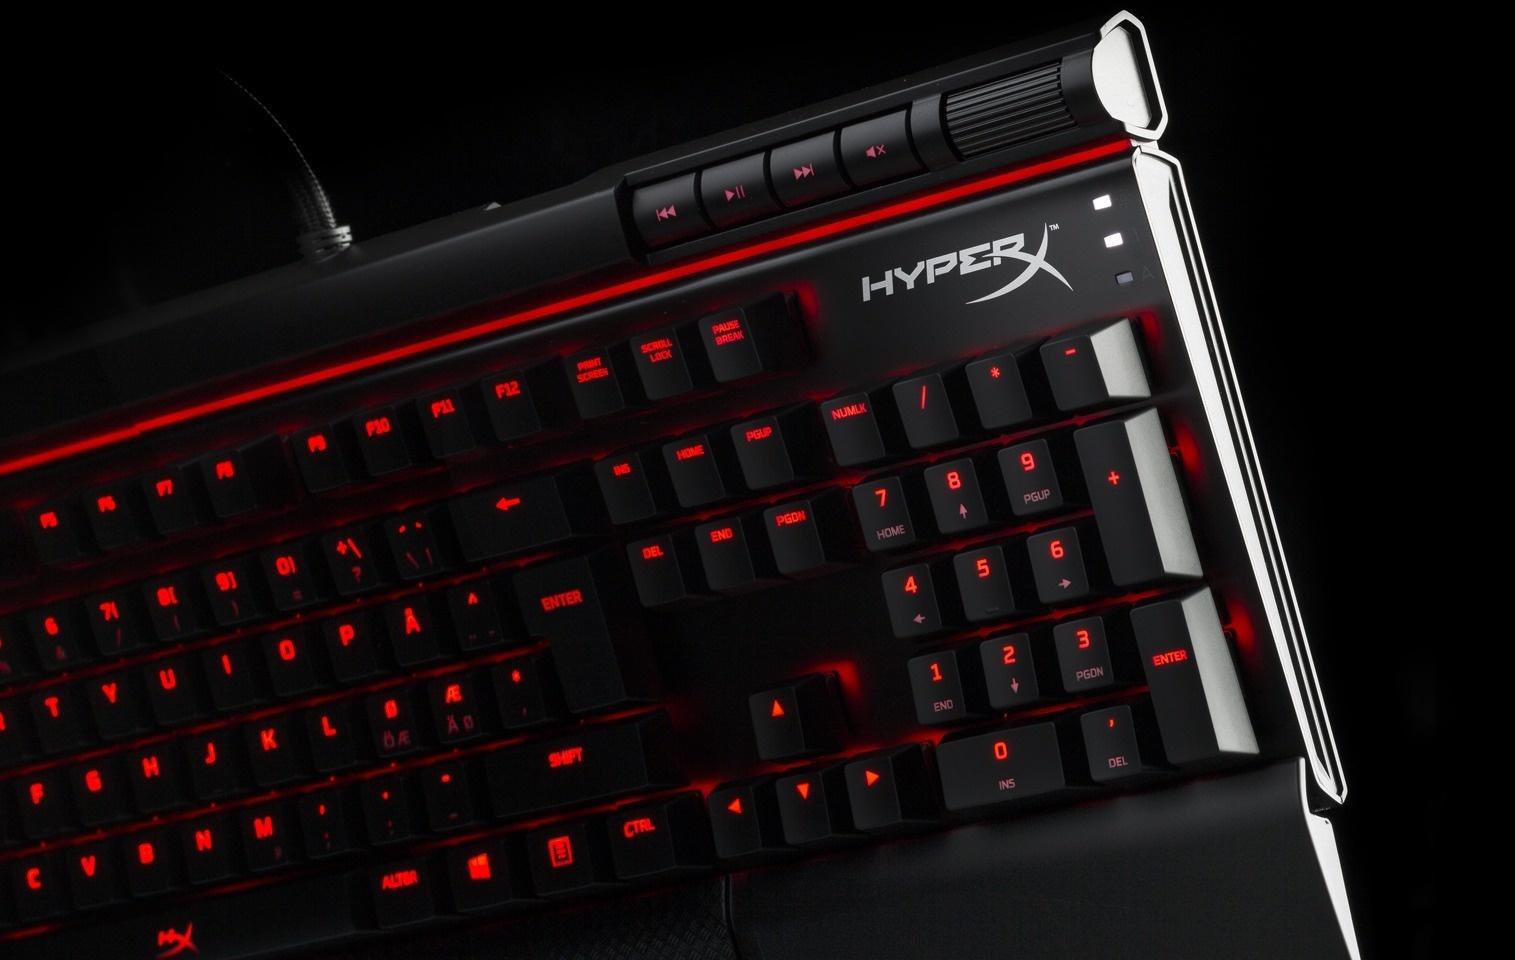 Новые механические клавиатуры HyperX Alloy Elite и Alloy FPS Pro: вам спорт или комфорт? - 1